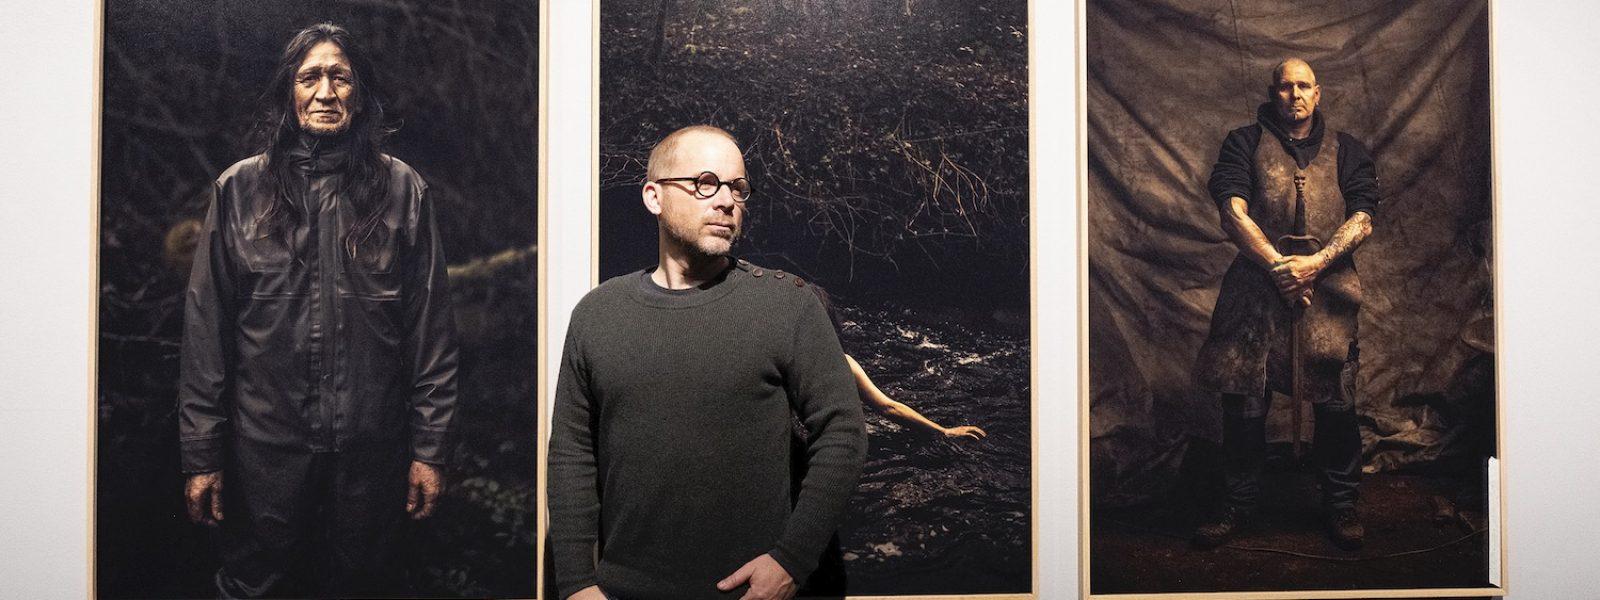 Le photographe Stéphane Lavoué expose aux Champs Libres